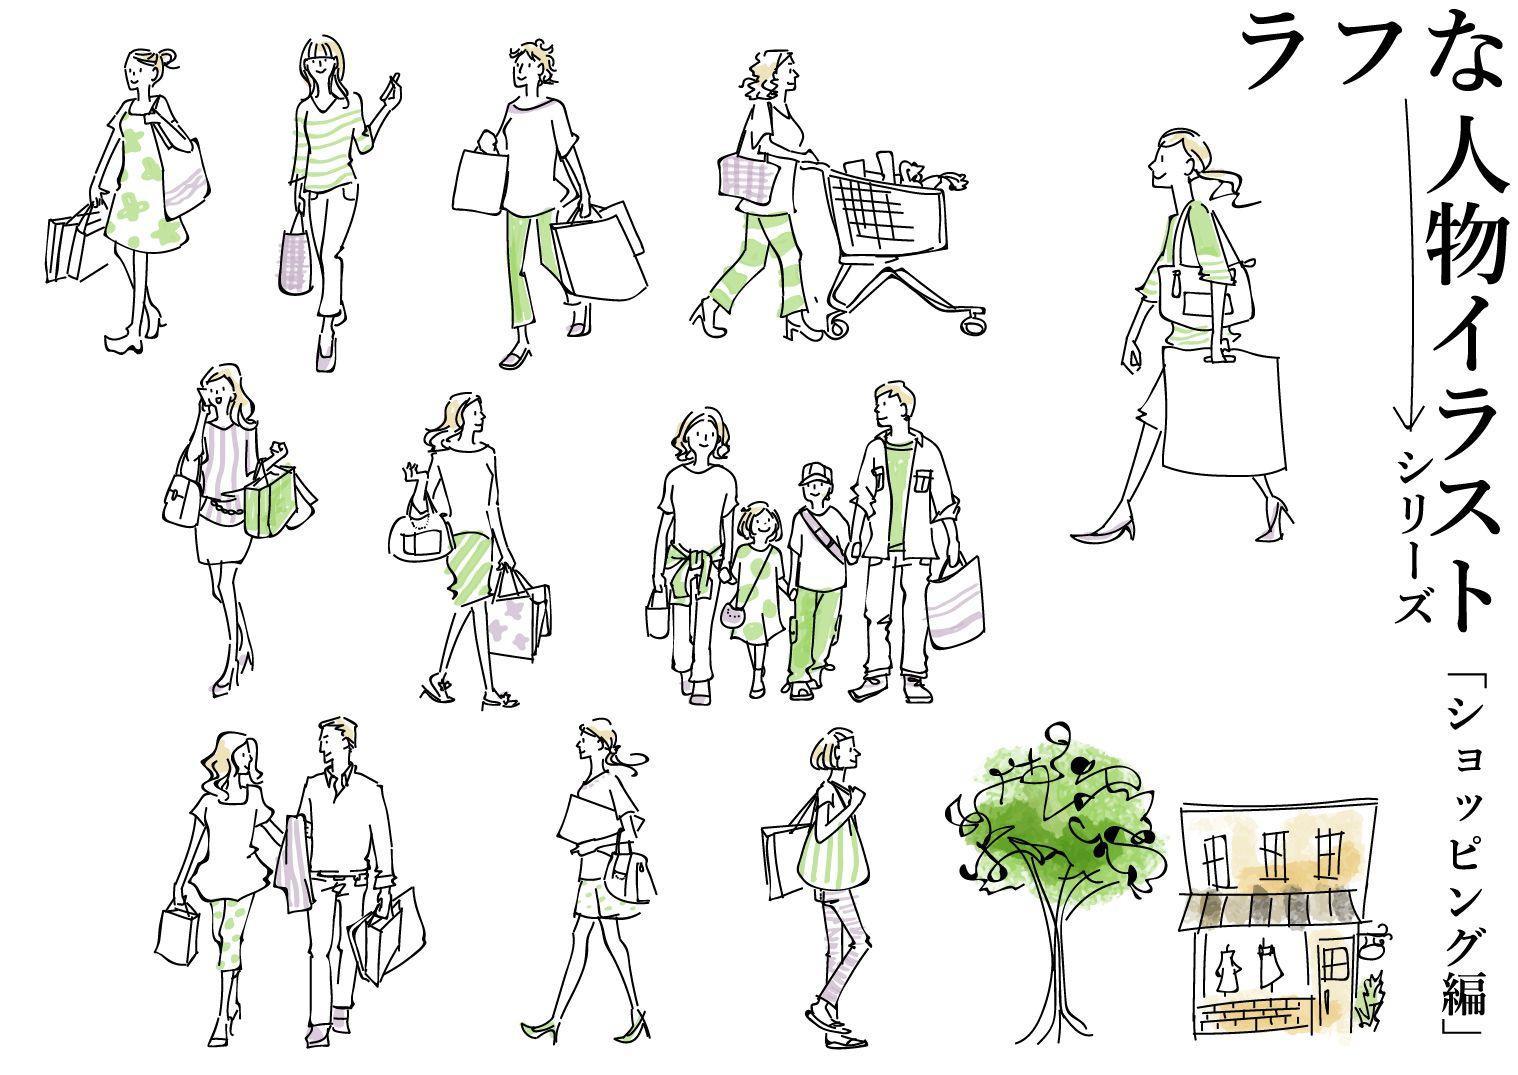 頭身高め 女性向けのオシャレな無料イラスト素材 デザインのまとめ 買い物 イラスト ショッピング イラスト イラスト